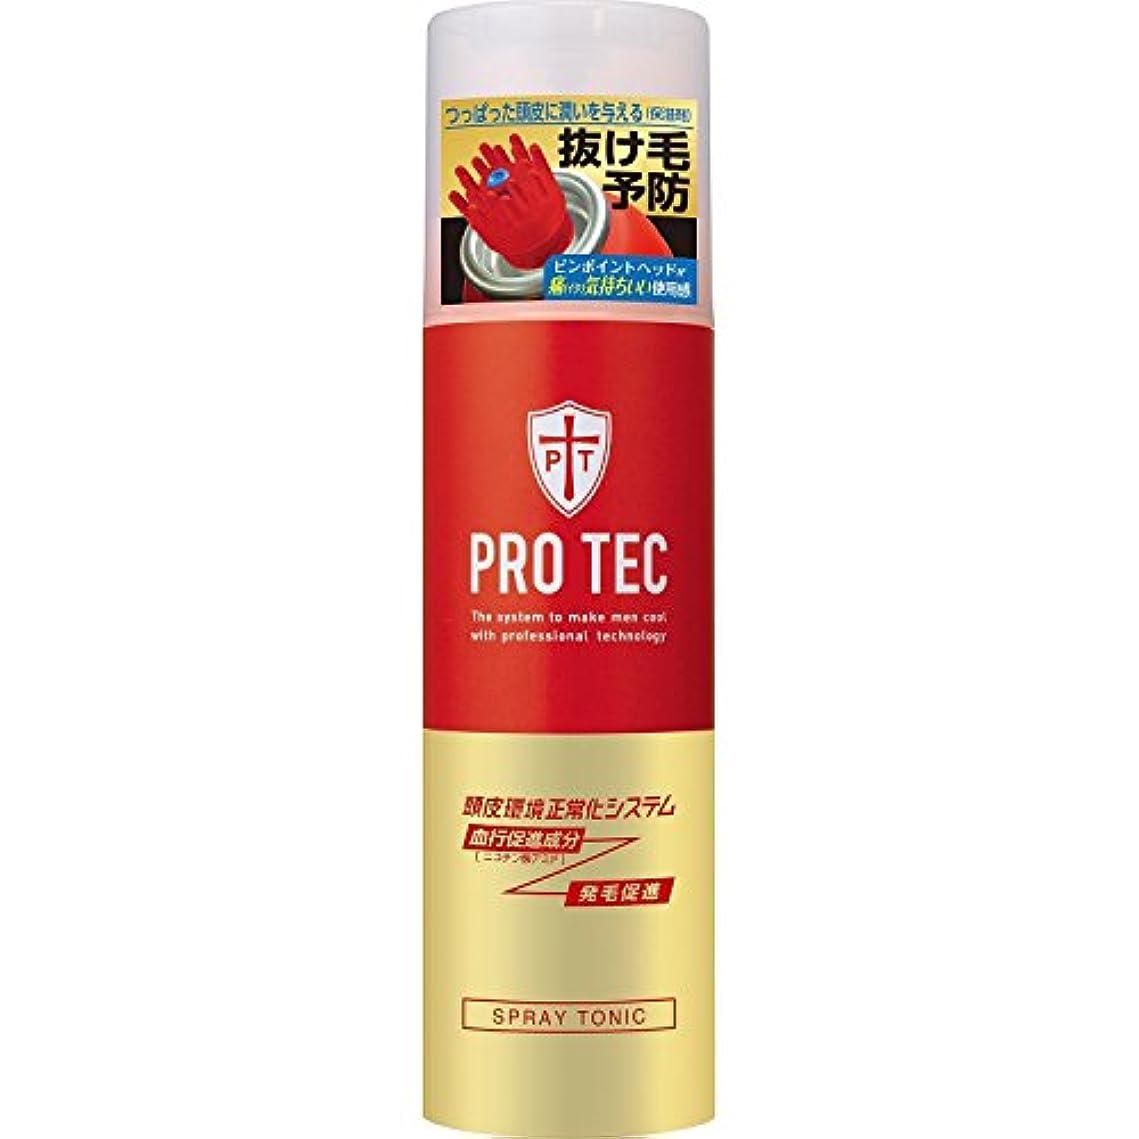 恐ろしい石鹸で出来ているPRO TEC(プロテク) スプレートニック 150g (医薬部外品) ×10個セット